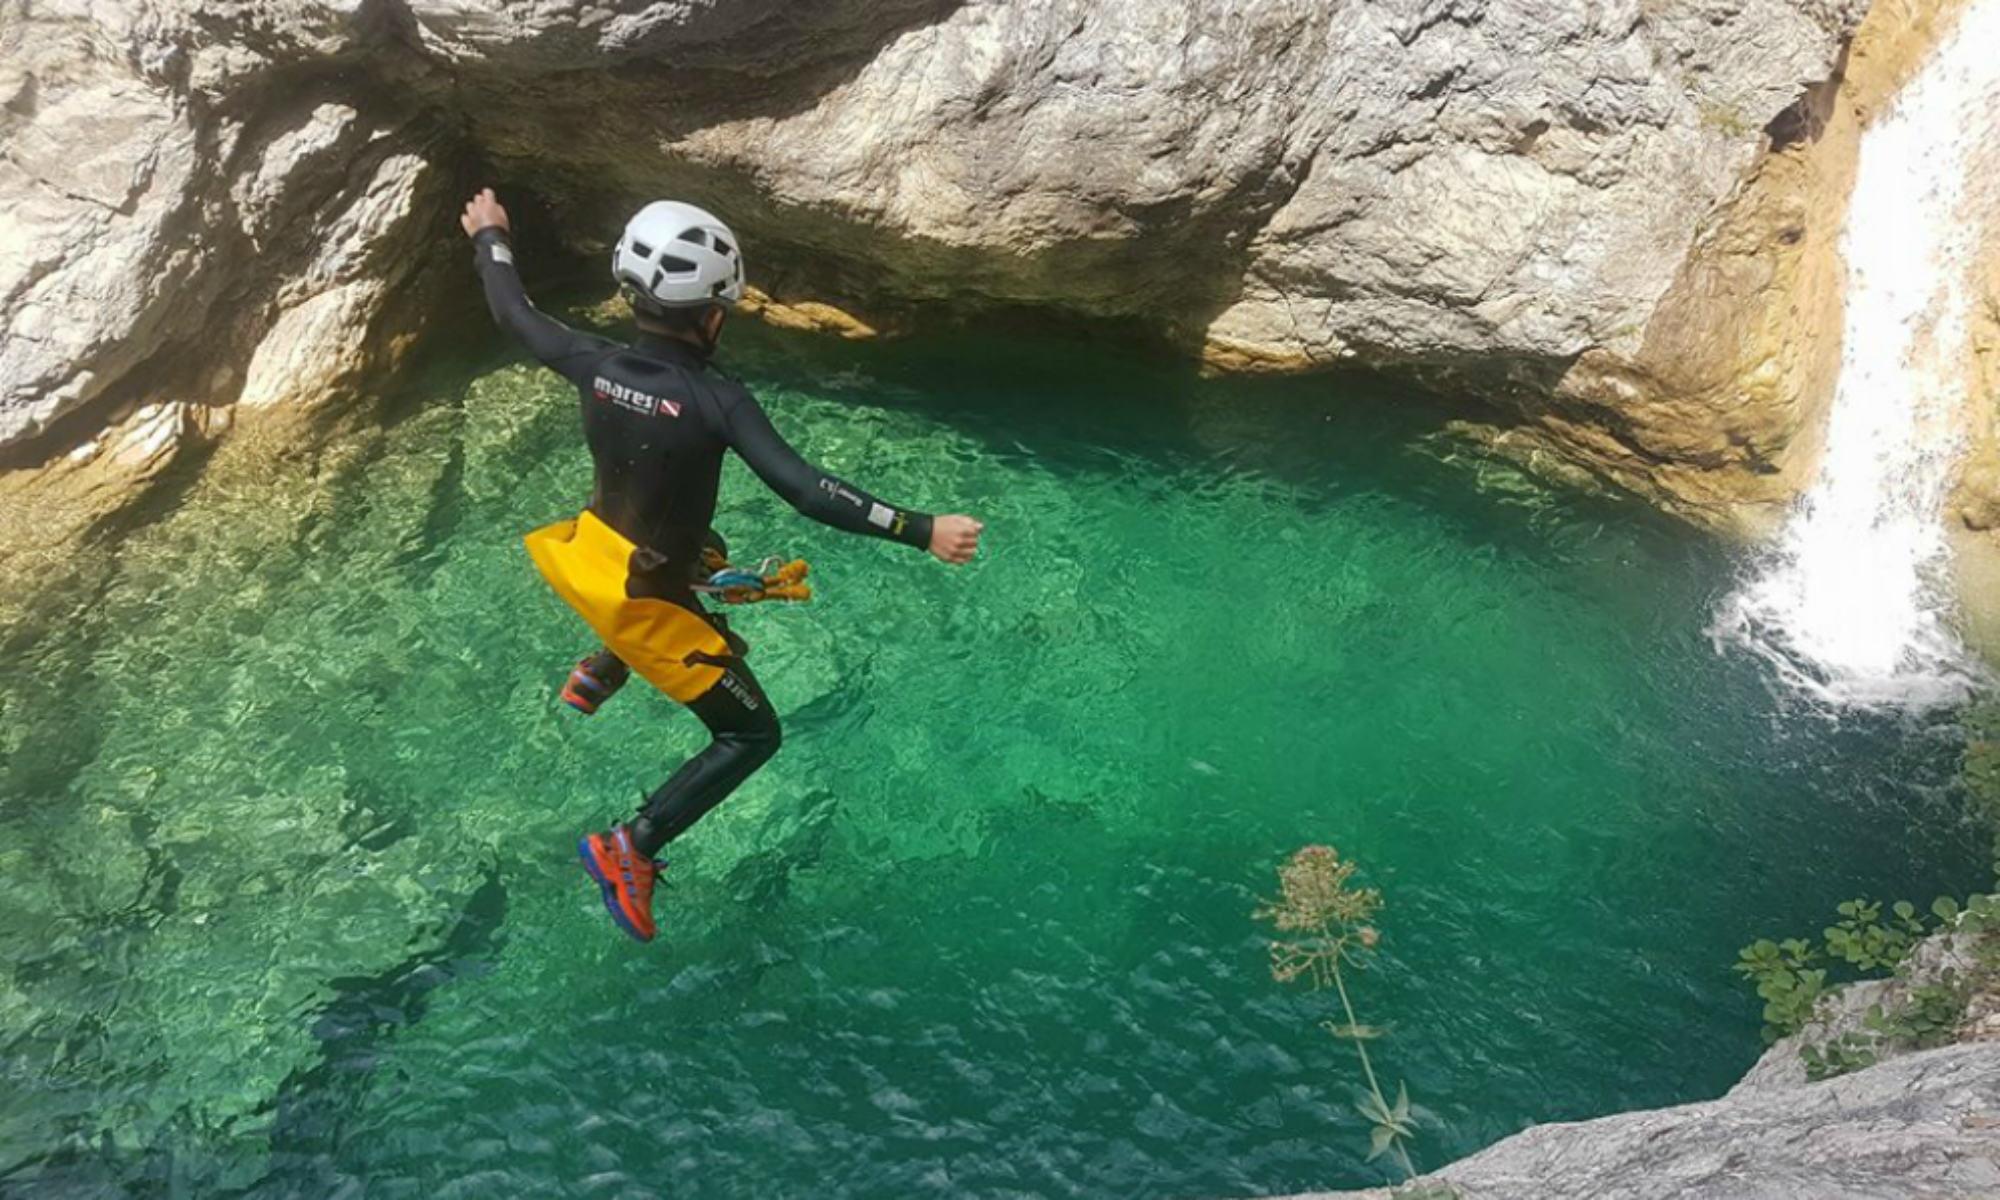 Saut dans une vasque d'eau turquoise transparente lors d'un parcours de canyoning en Italie.